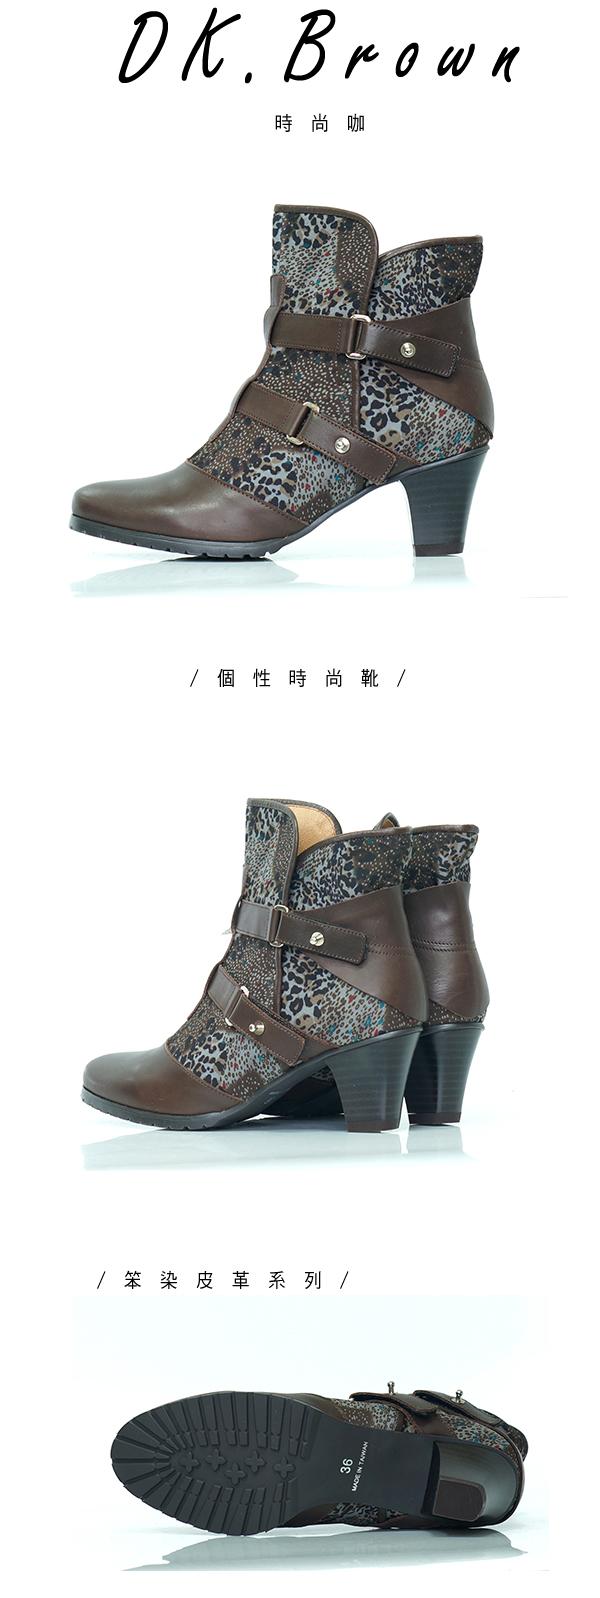 短靴,笨染皮革,高級牛製,時尚特色,孔雀紋,與眾不同,打蠟皮,透氣性佳,皮革軟,MIT,台灣  製造,百貨專櫃鞋